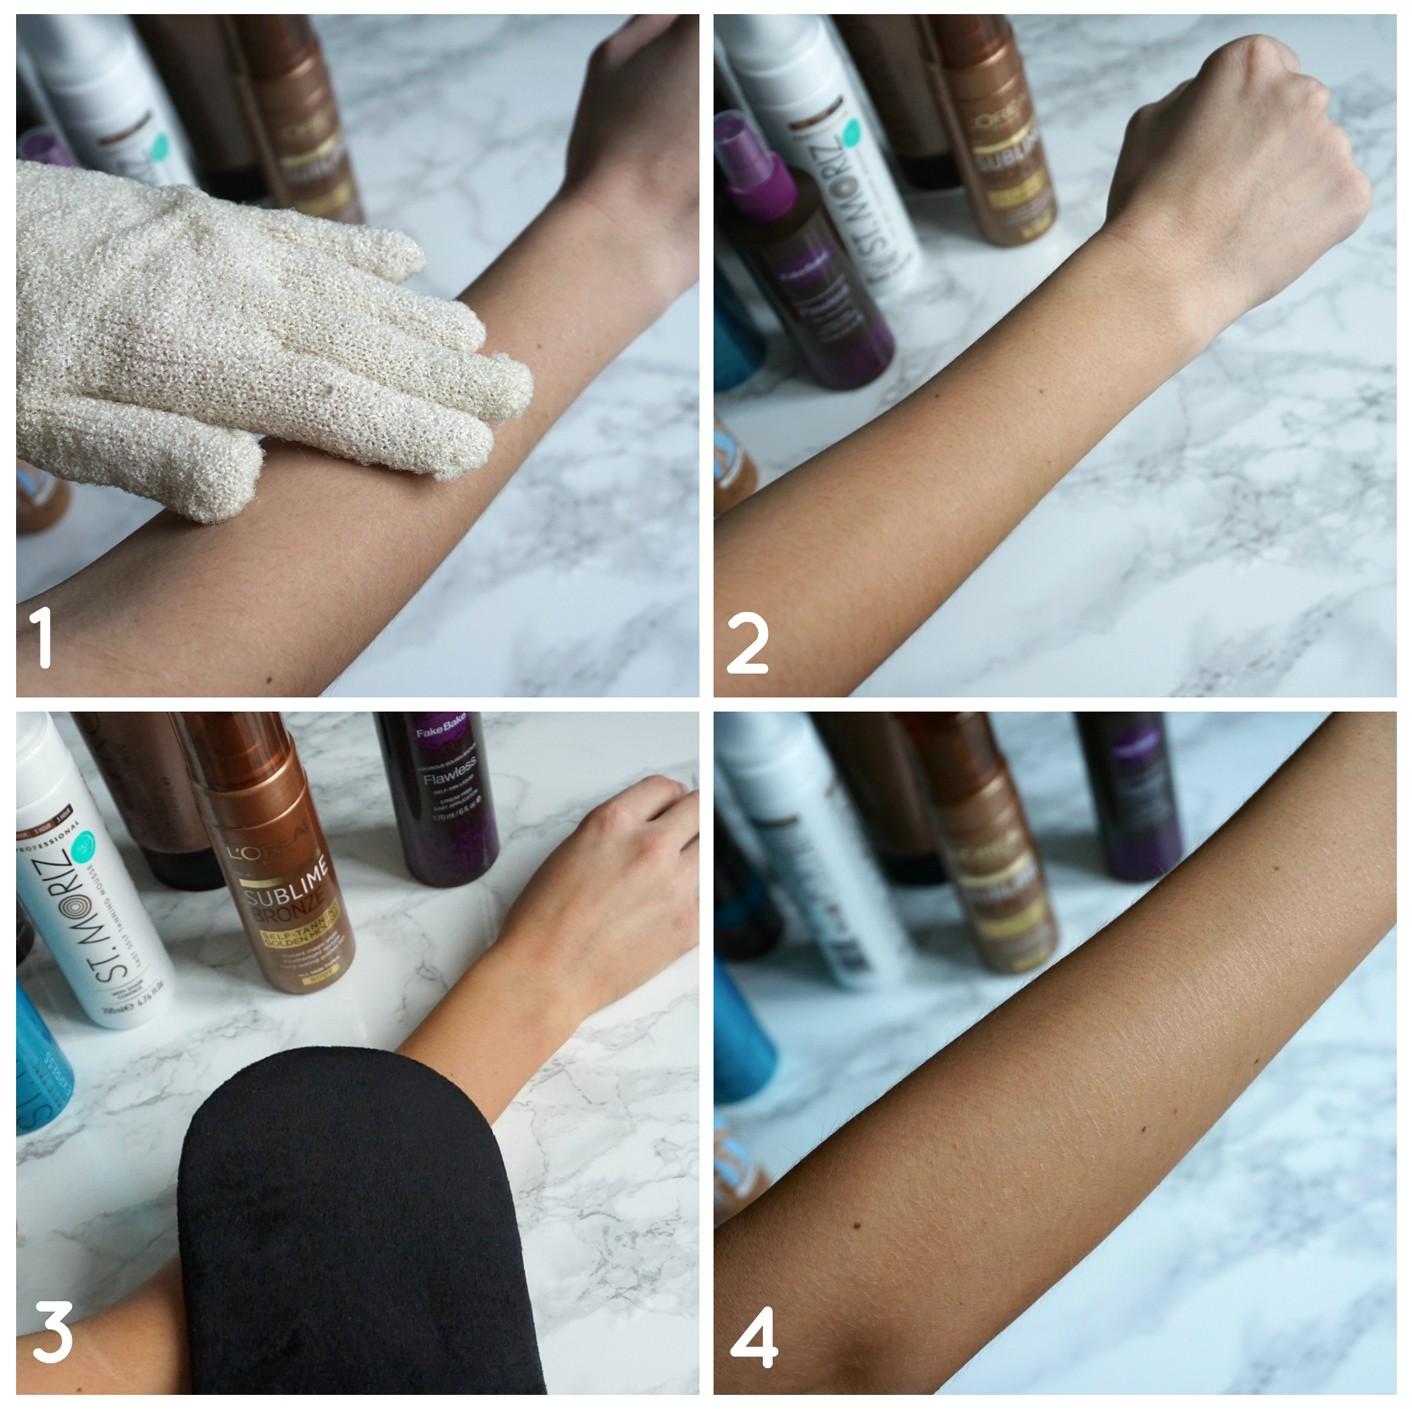 mørk hud mellem benene